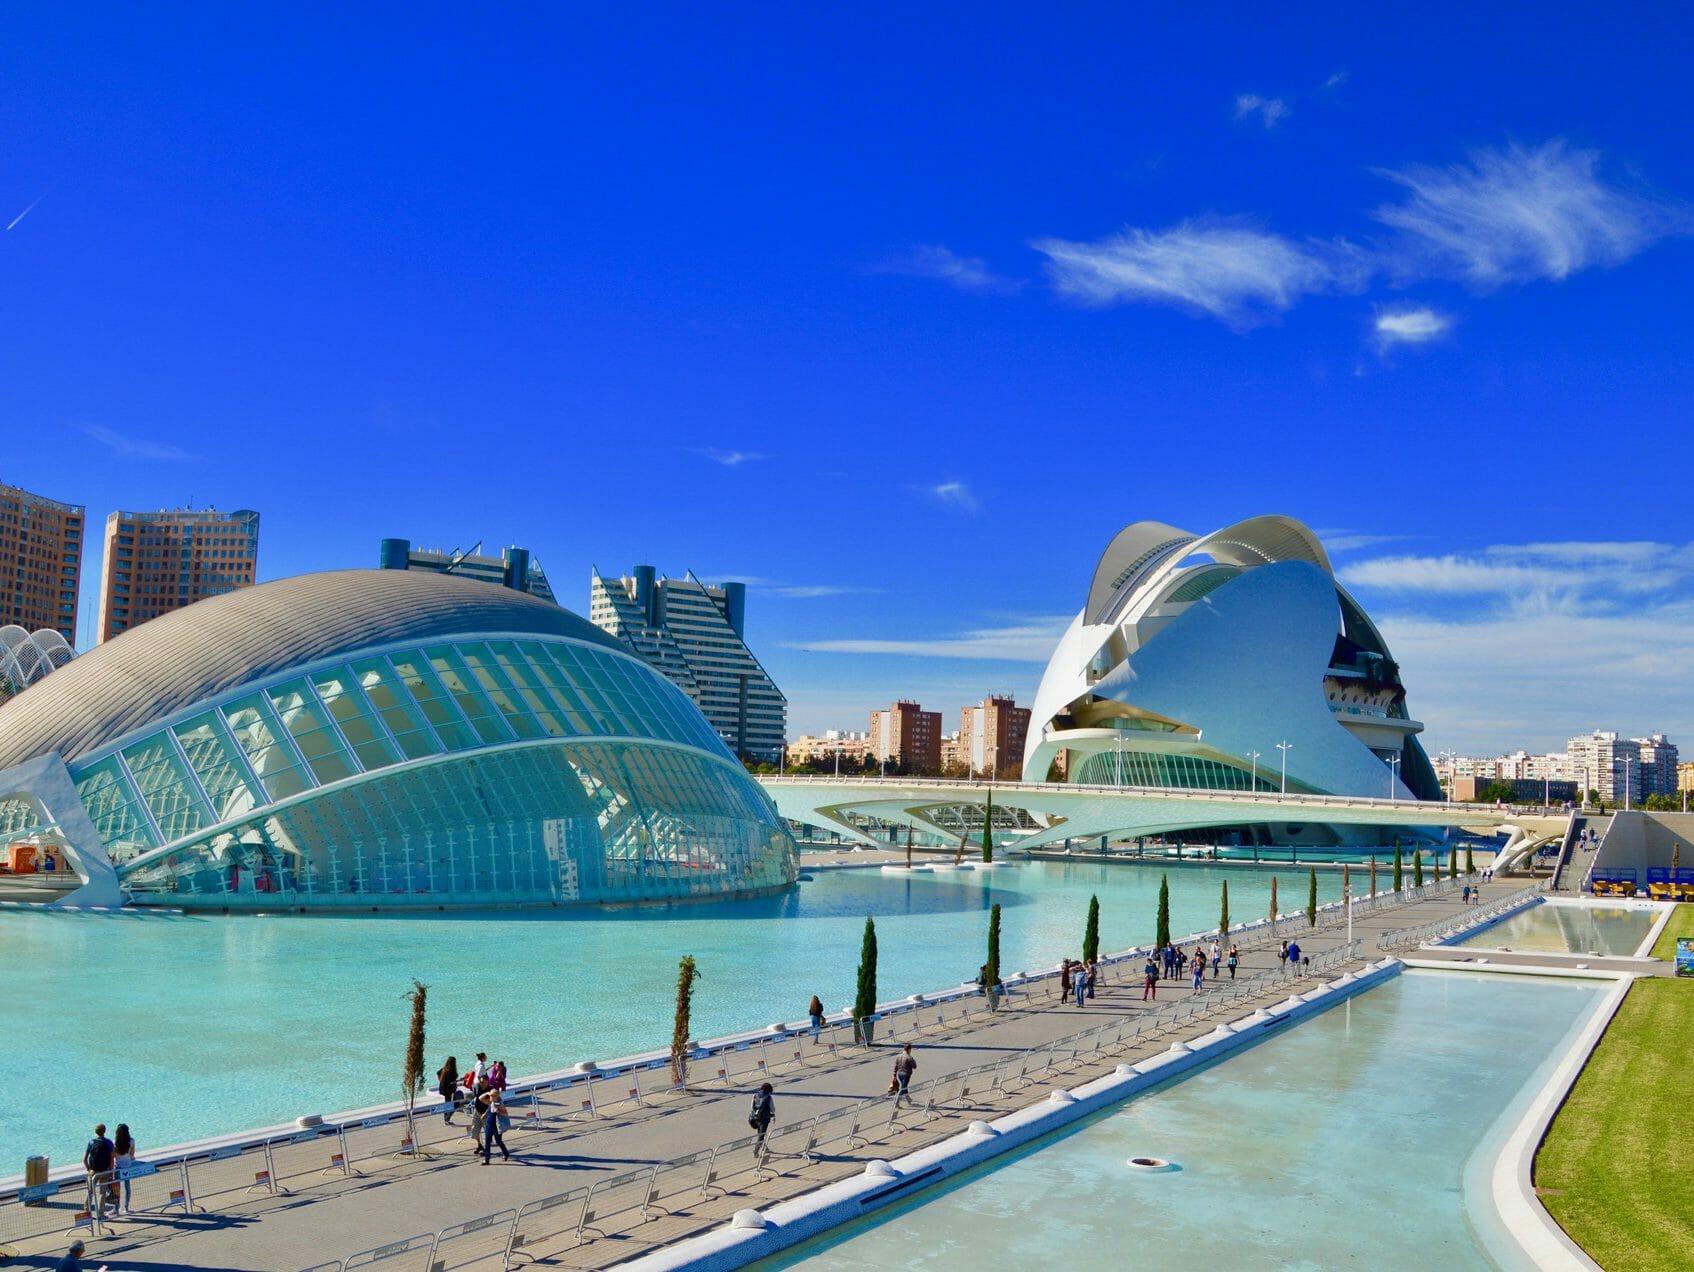 Valencia Science Park, Spain